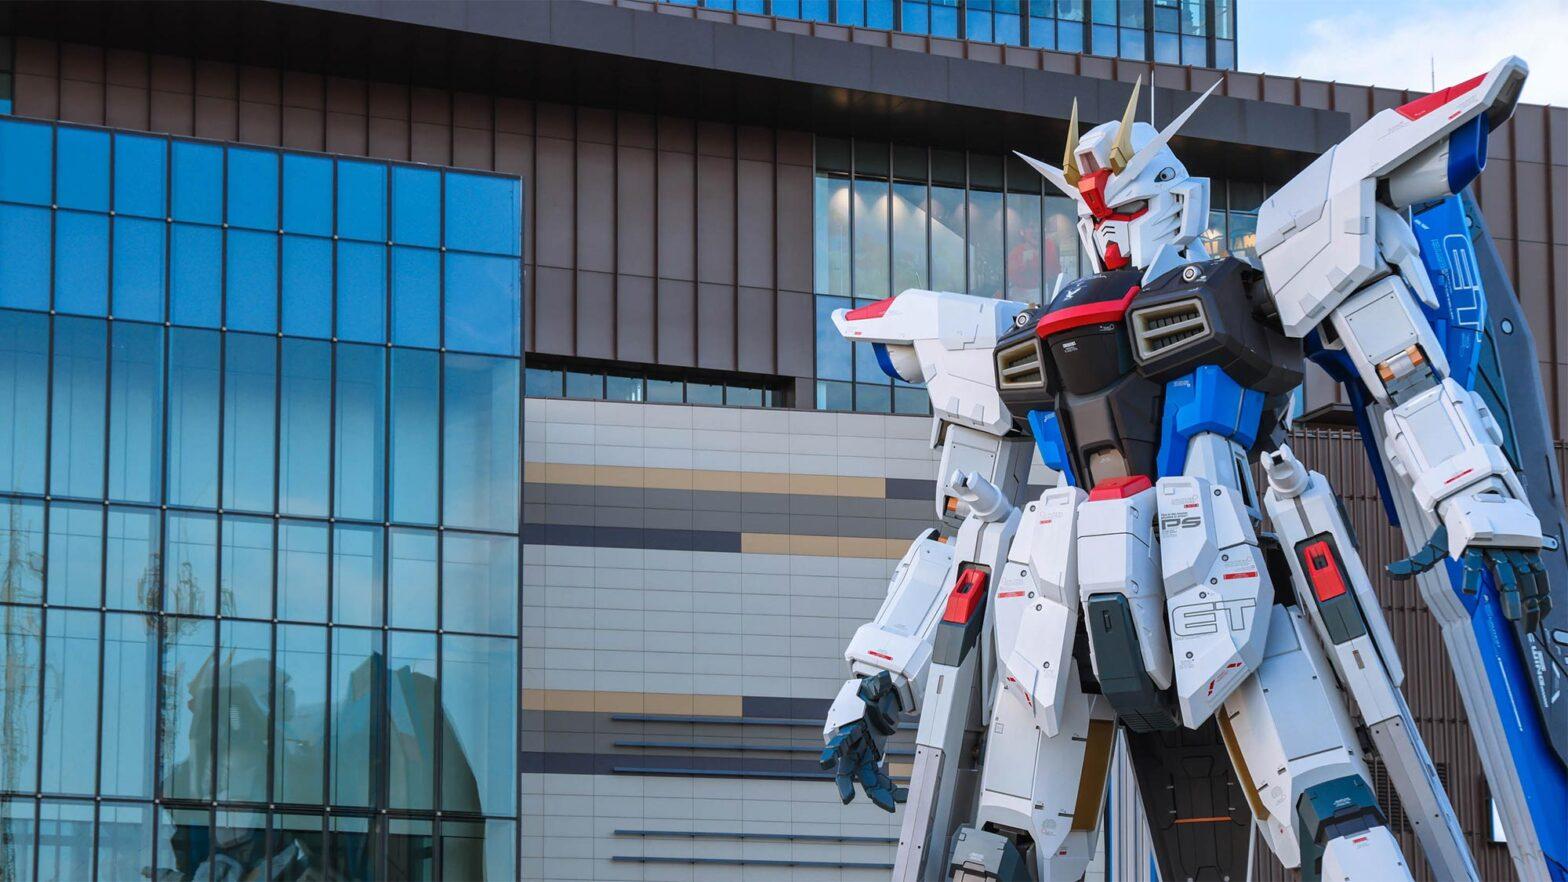 18-meter Tall Gundam Statue in China